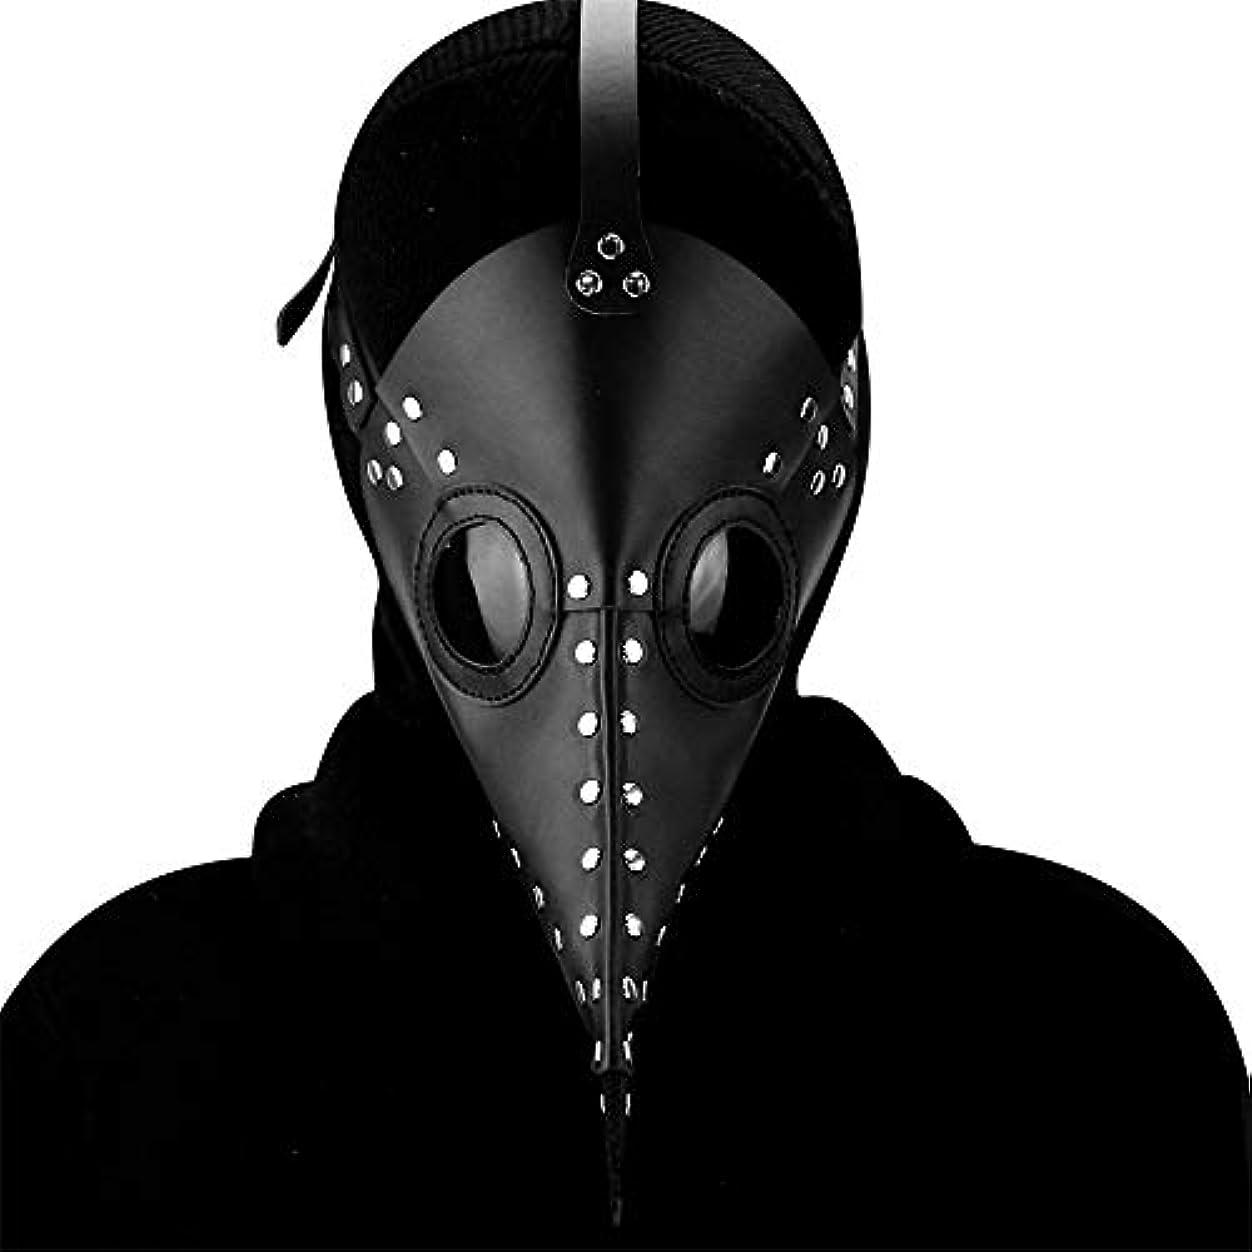 噴水征服するなぞらえるハロウィーンペストビークマスクパーティーの小道具仮装